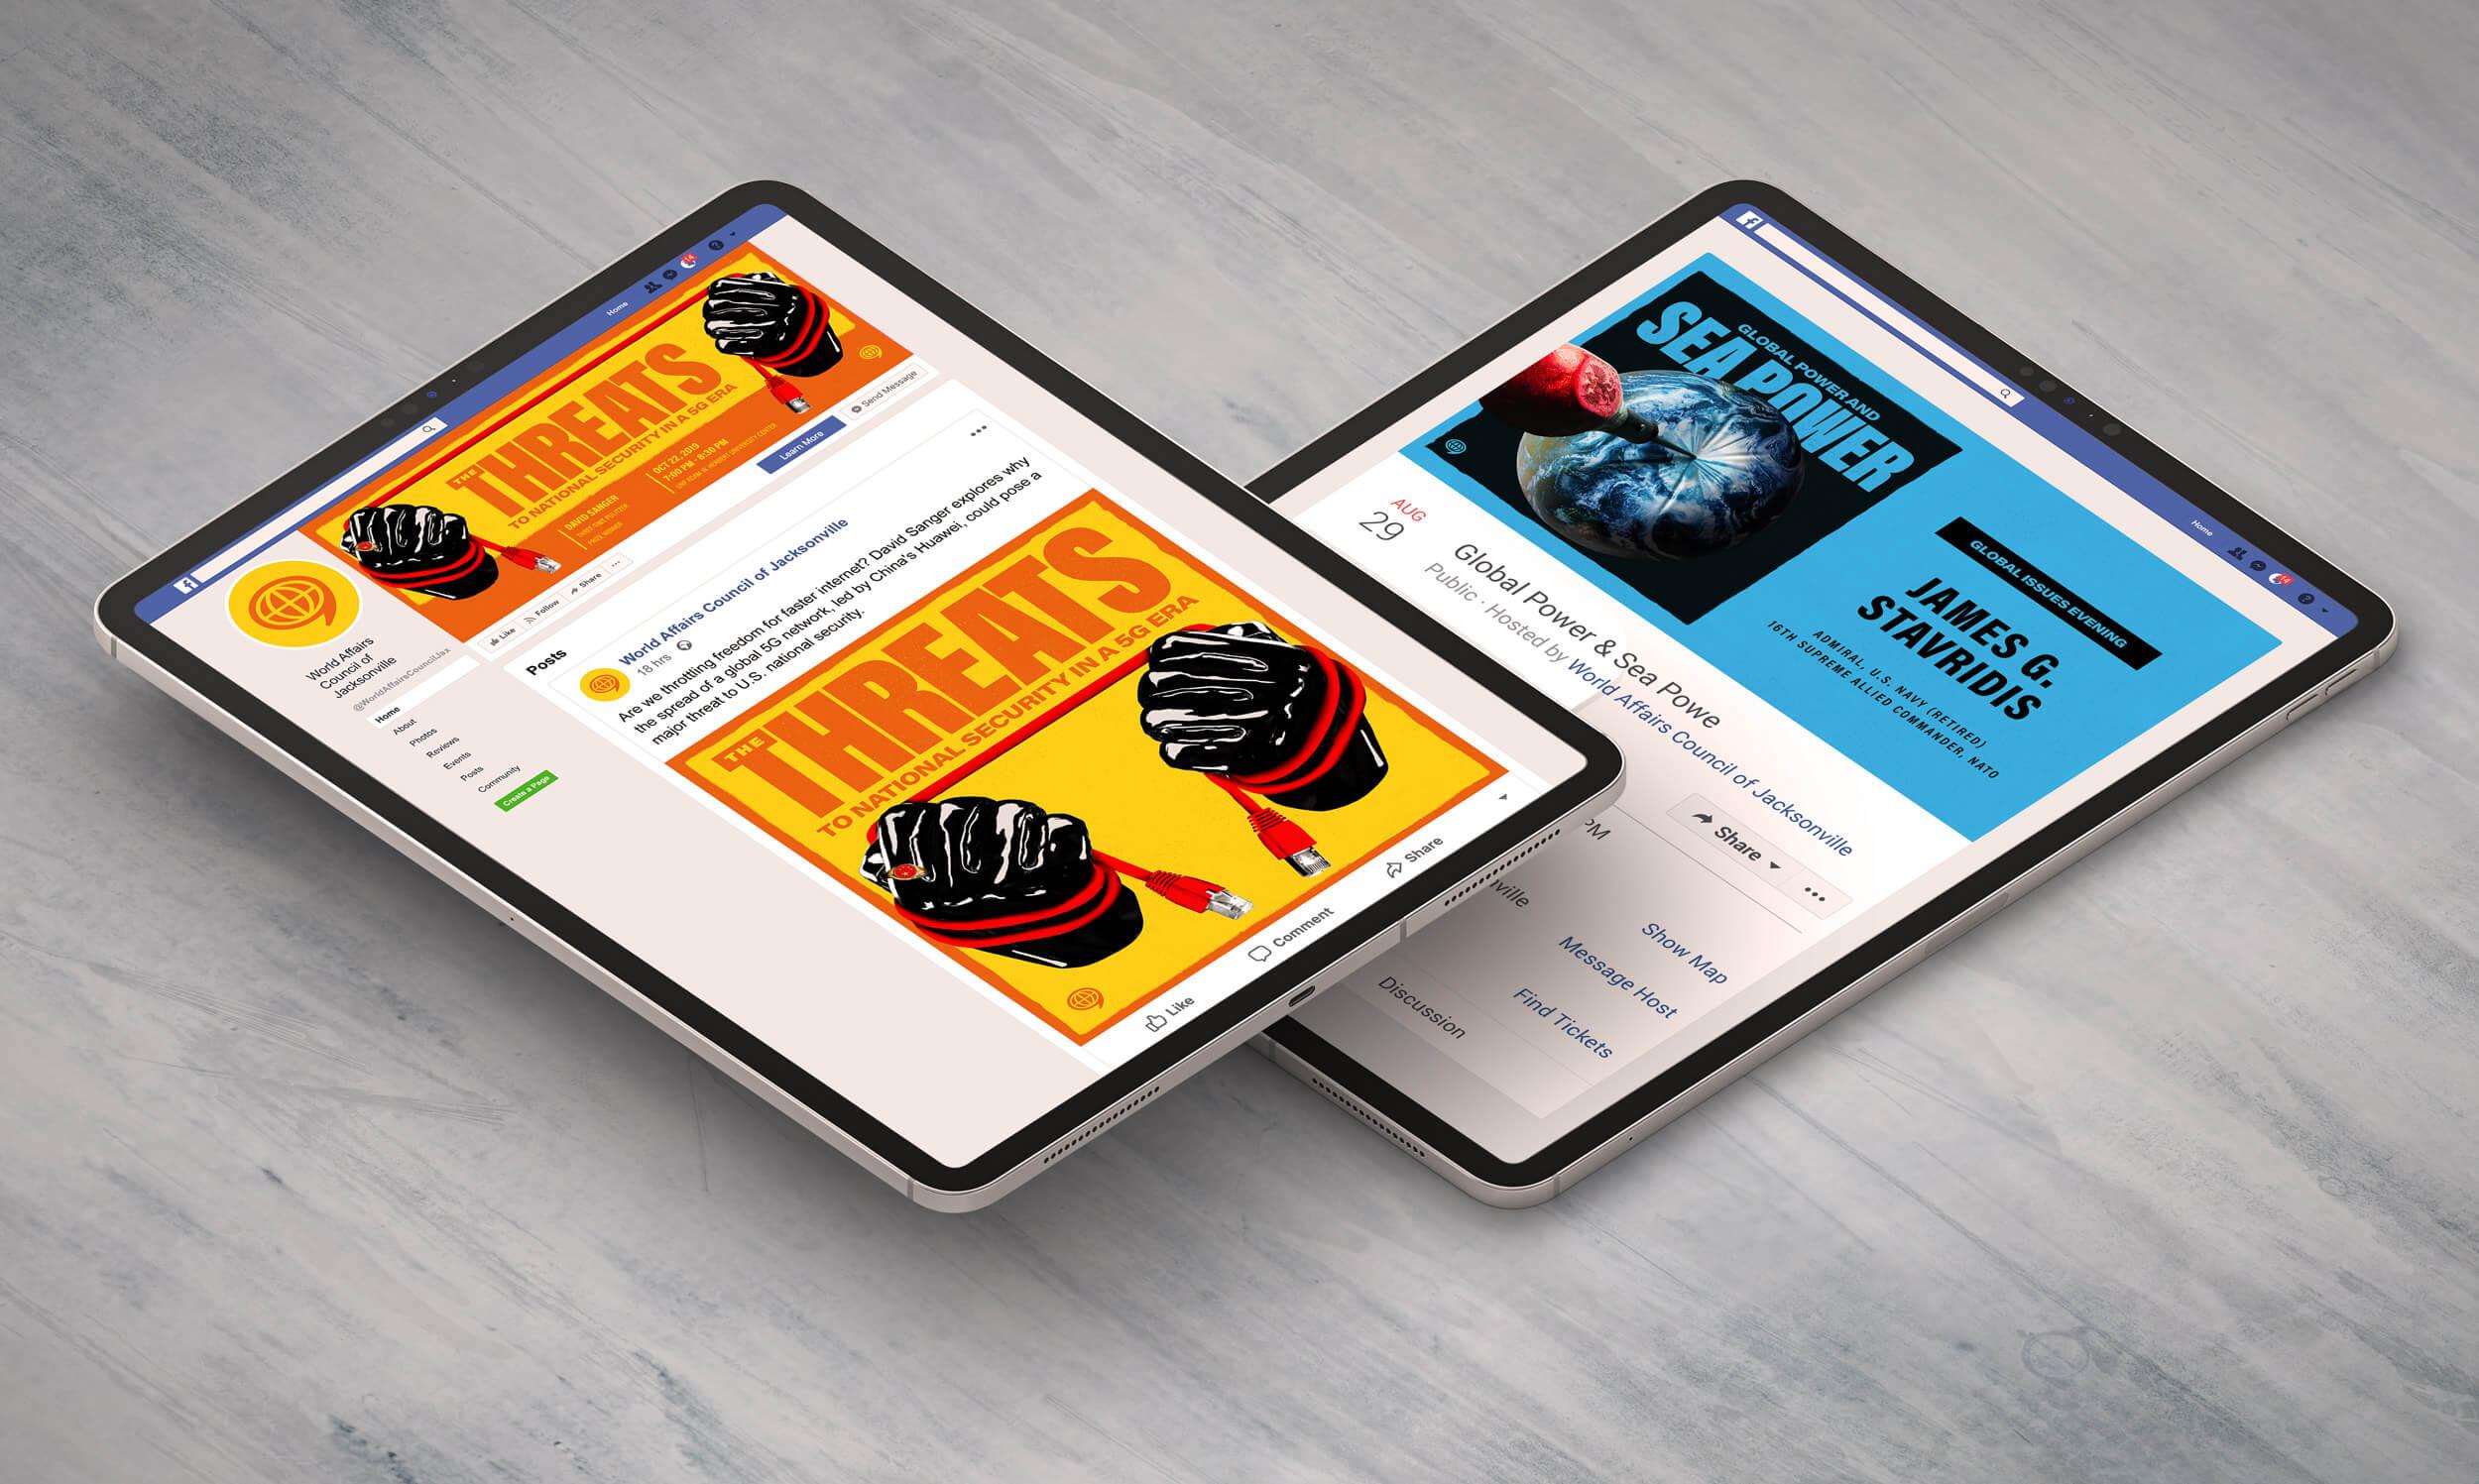 WAC iPad mockups